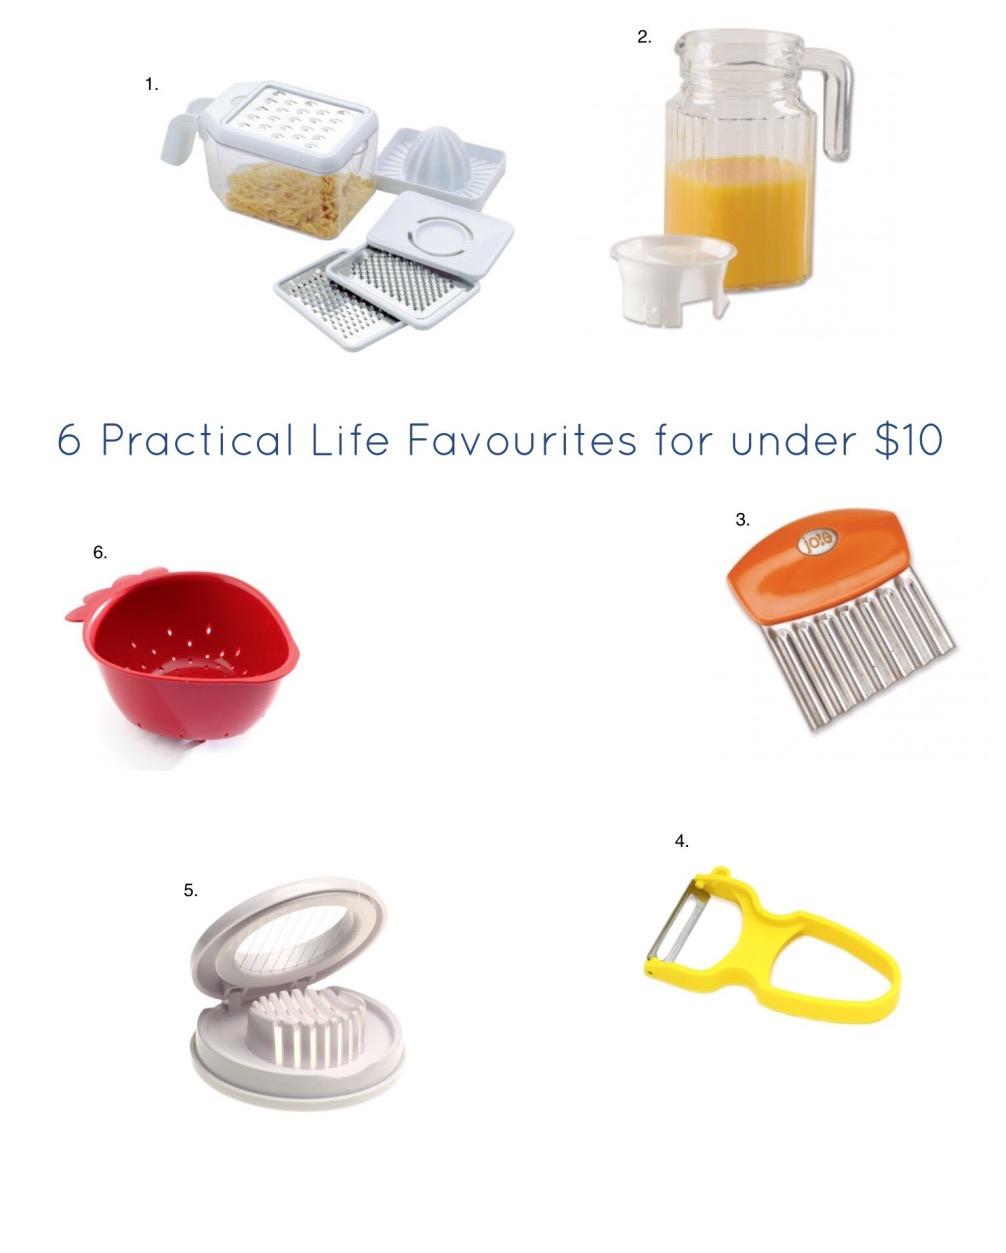 In the Kitchen – Our Montessori Life